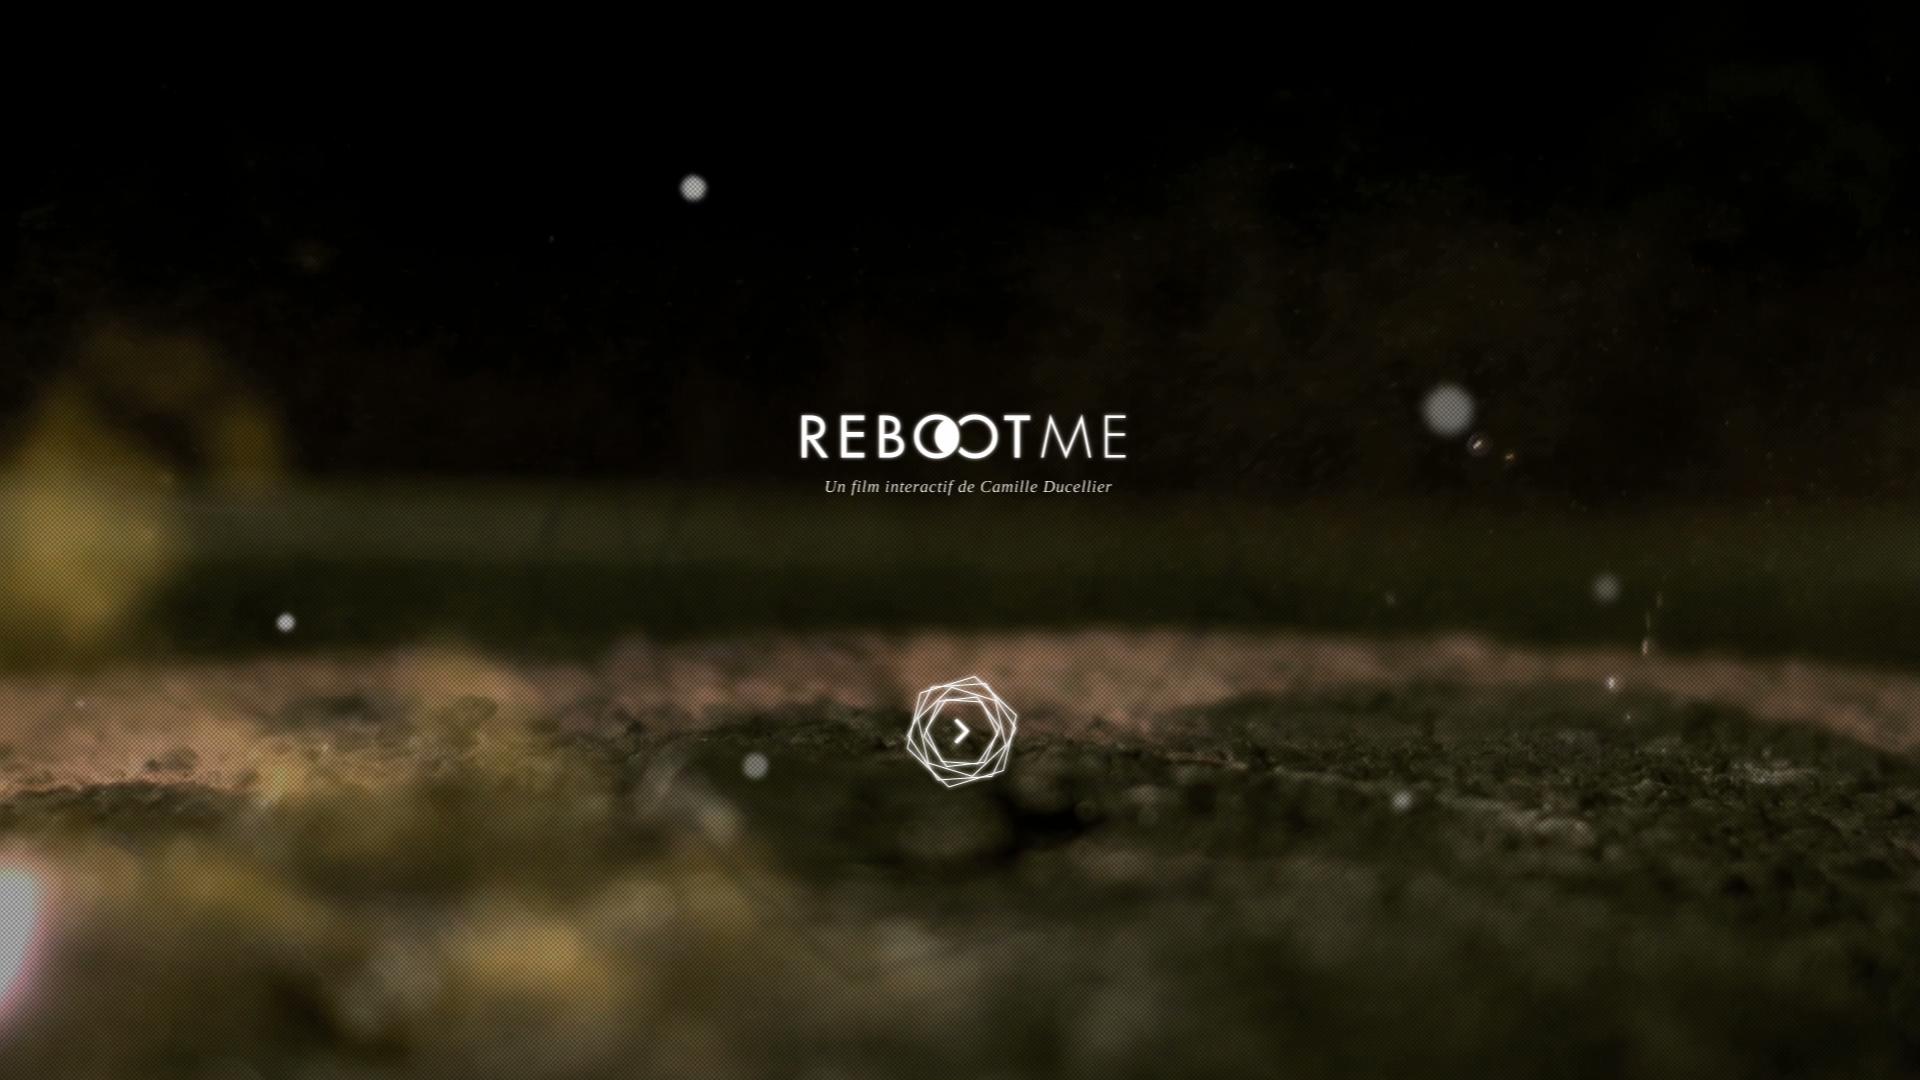 Reboot Me intro(1)